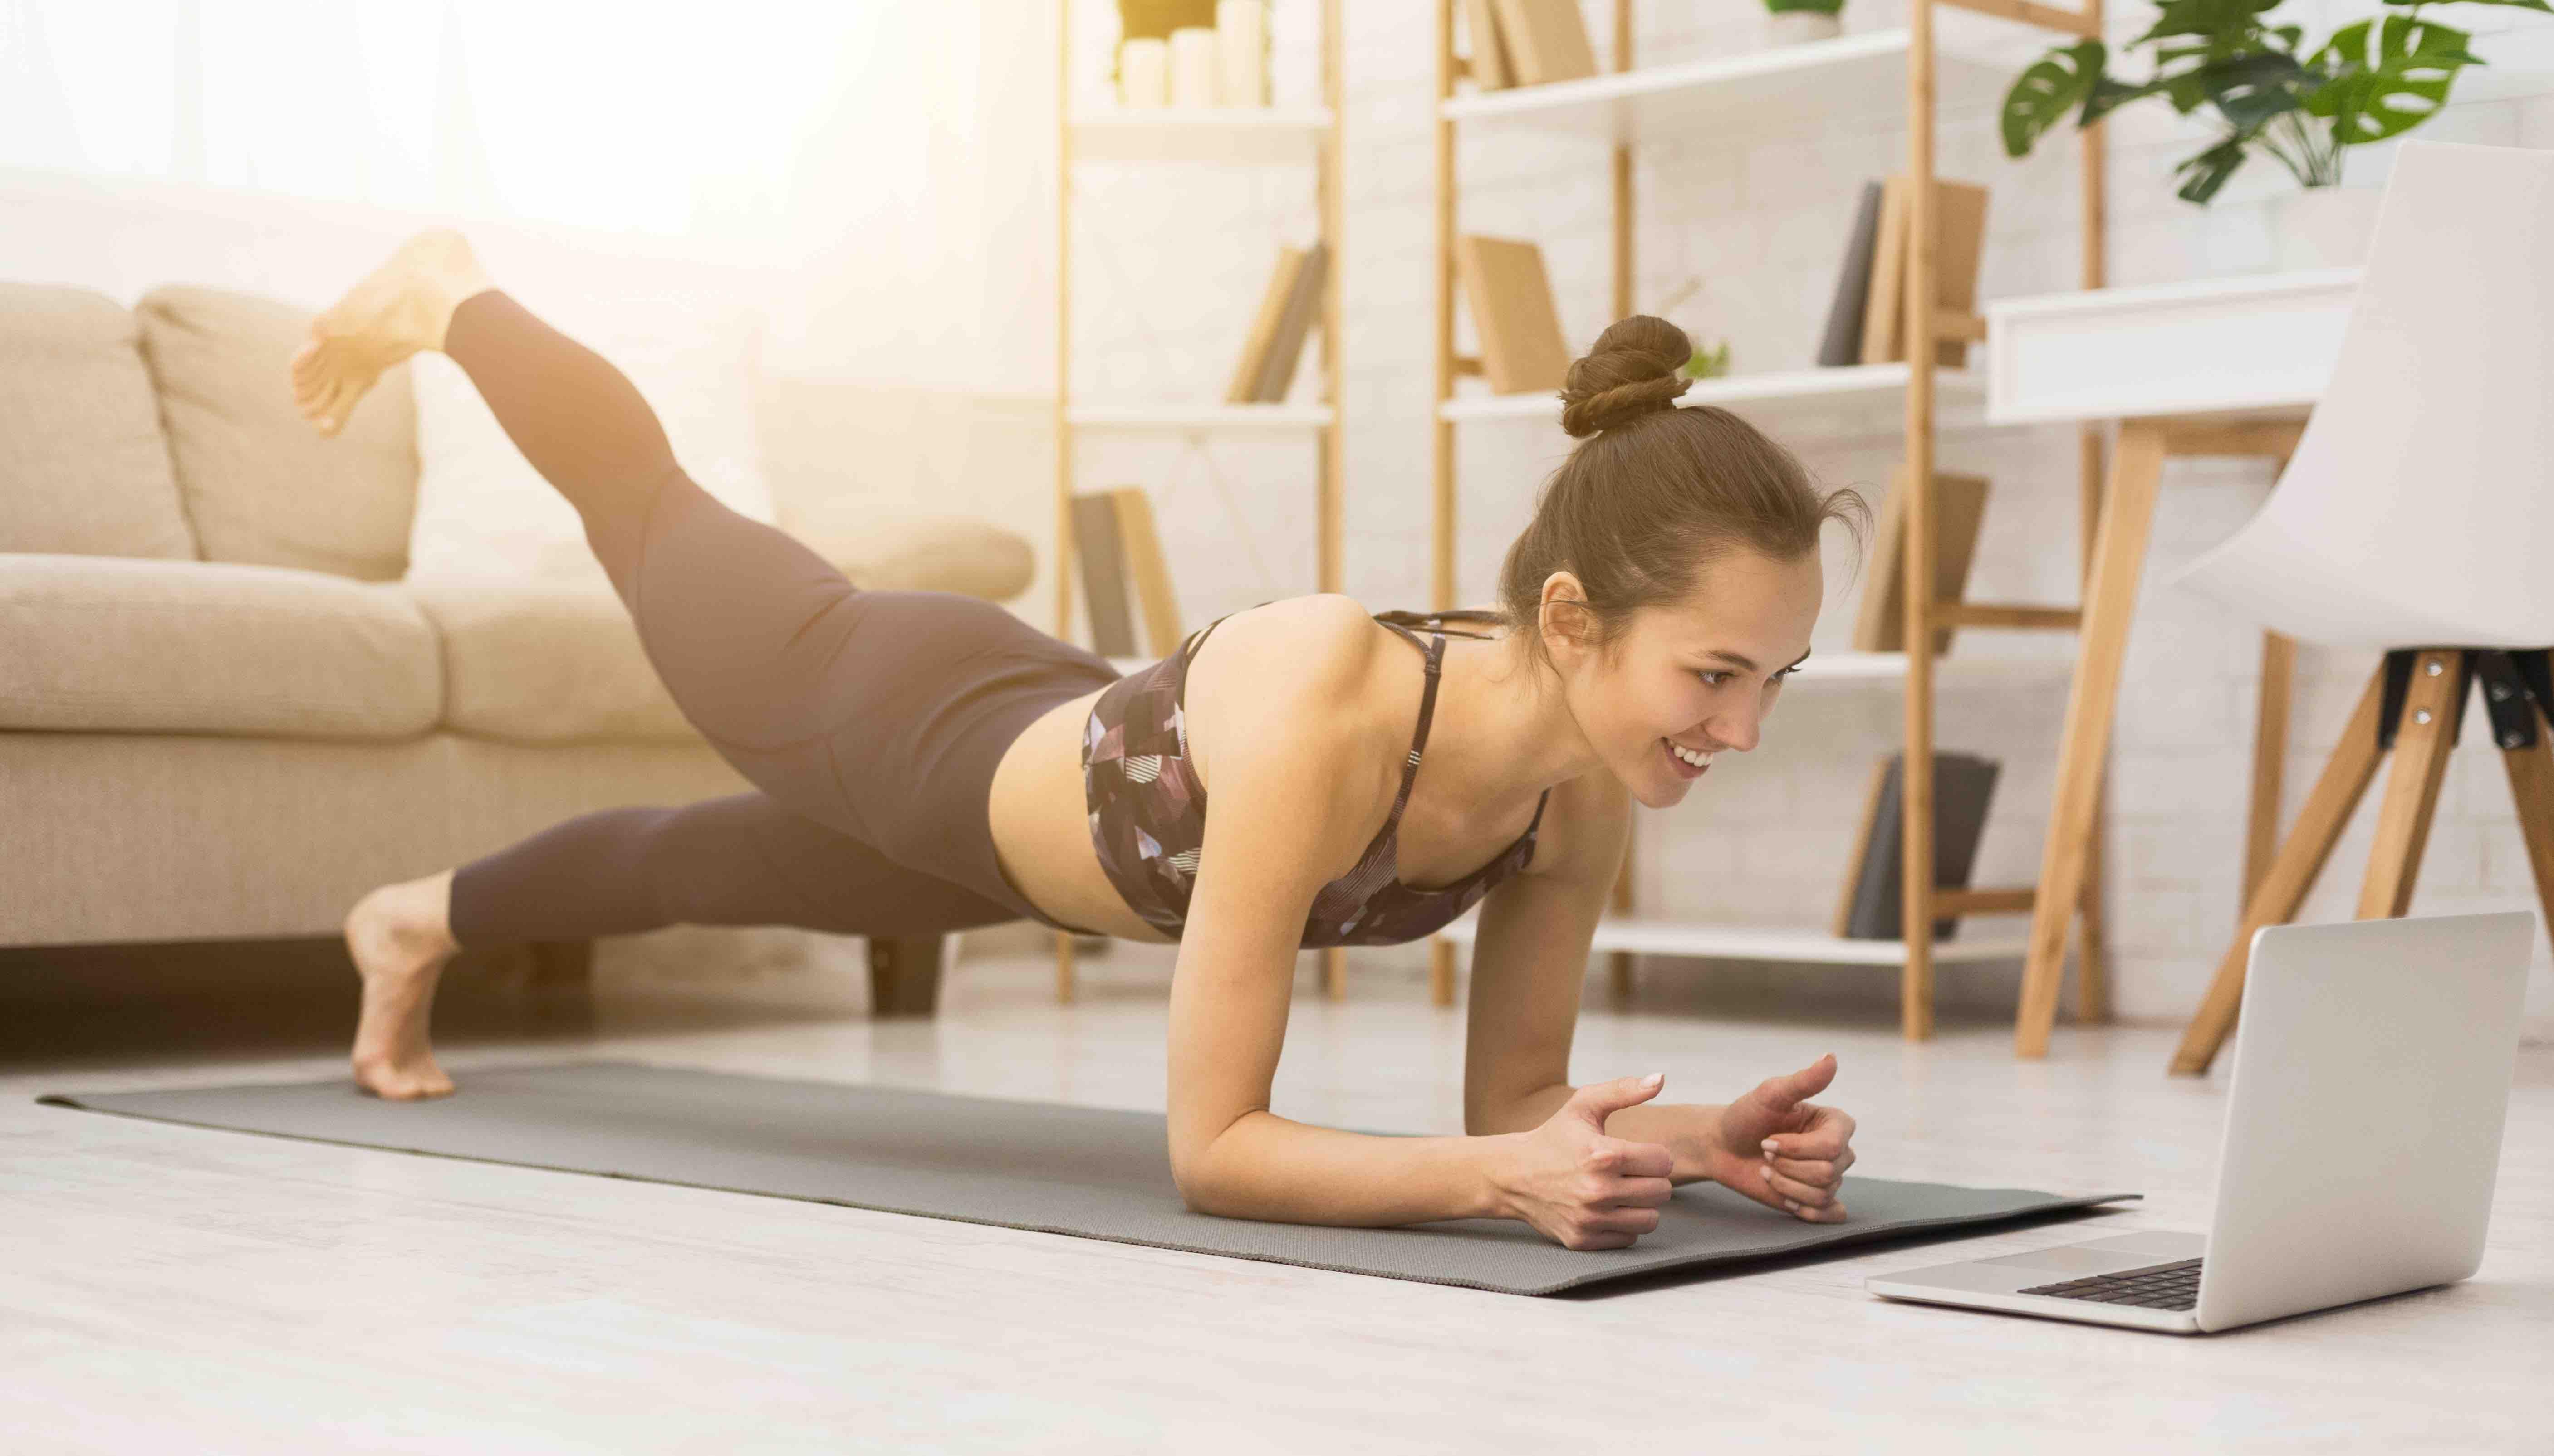 Mulher treinando em casa assistindo vídeos no laptop